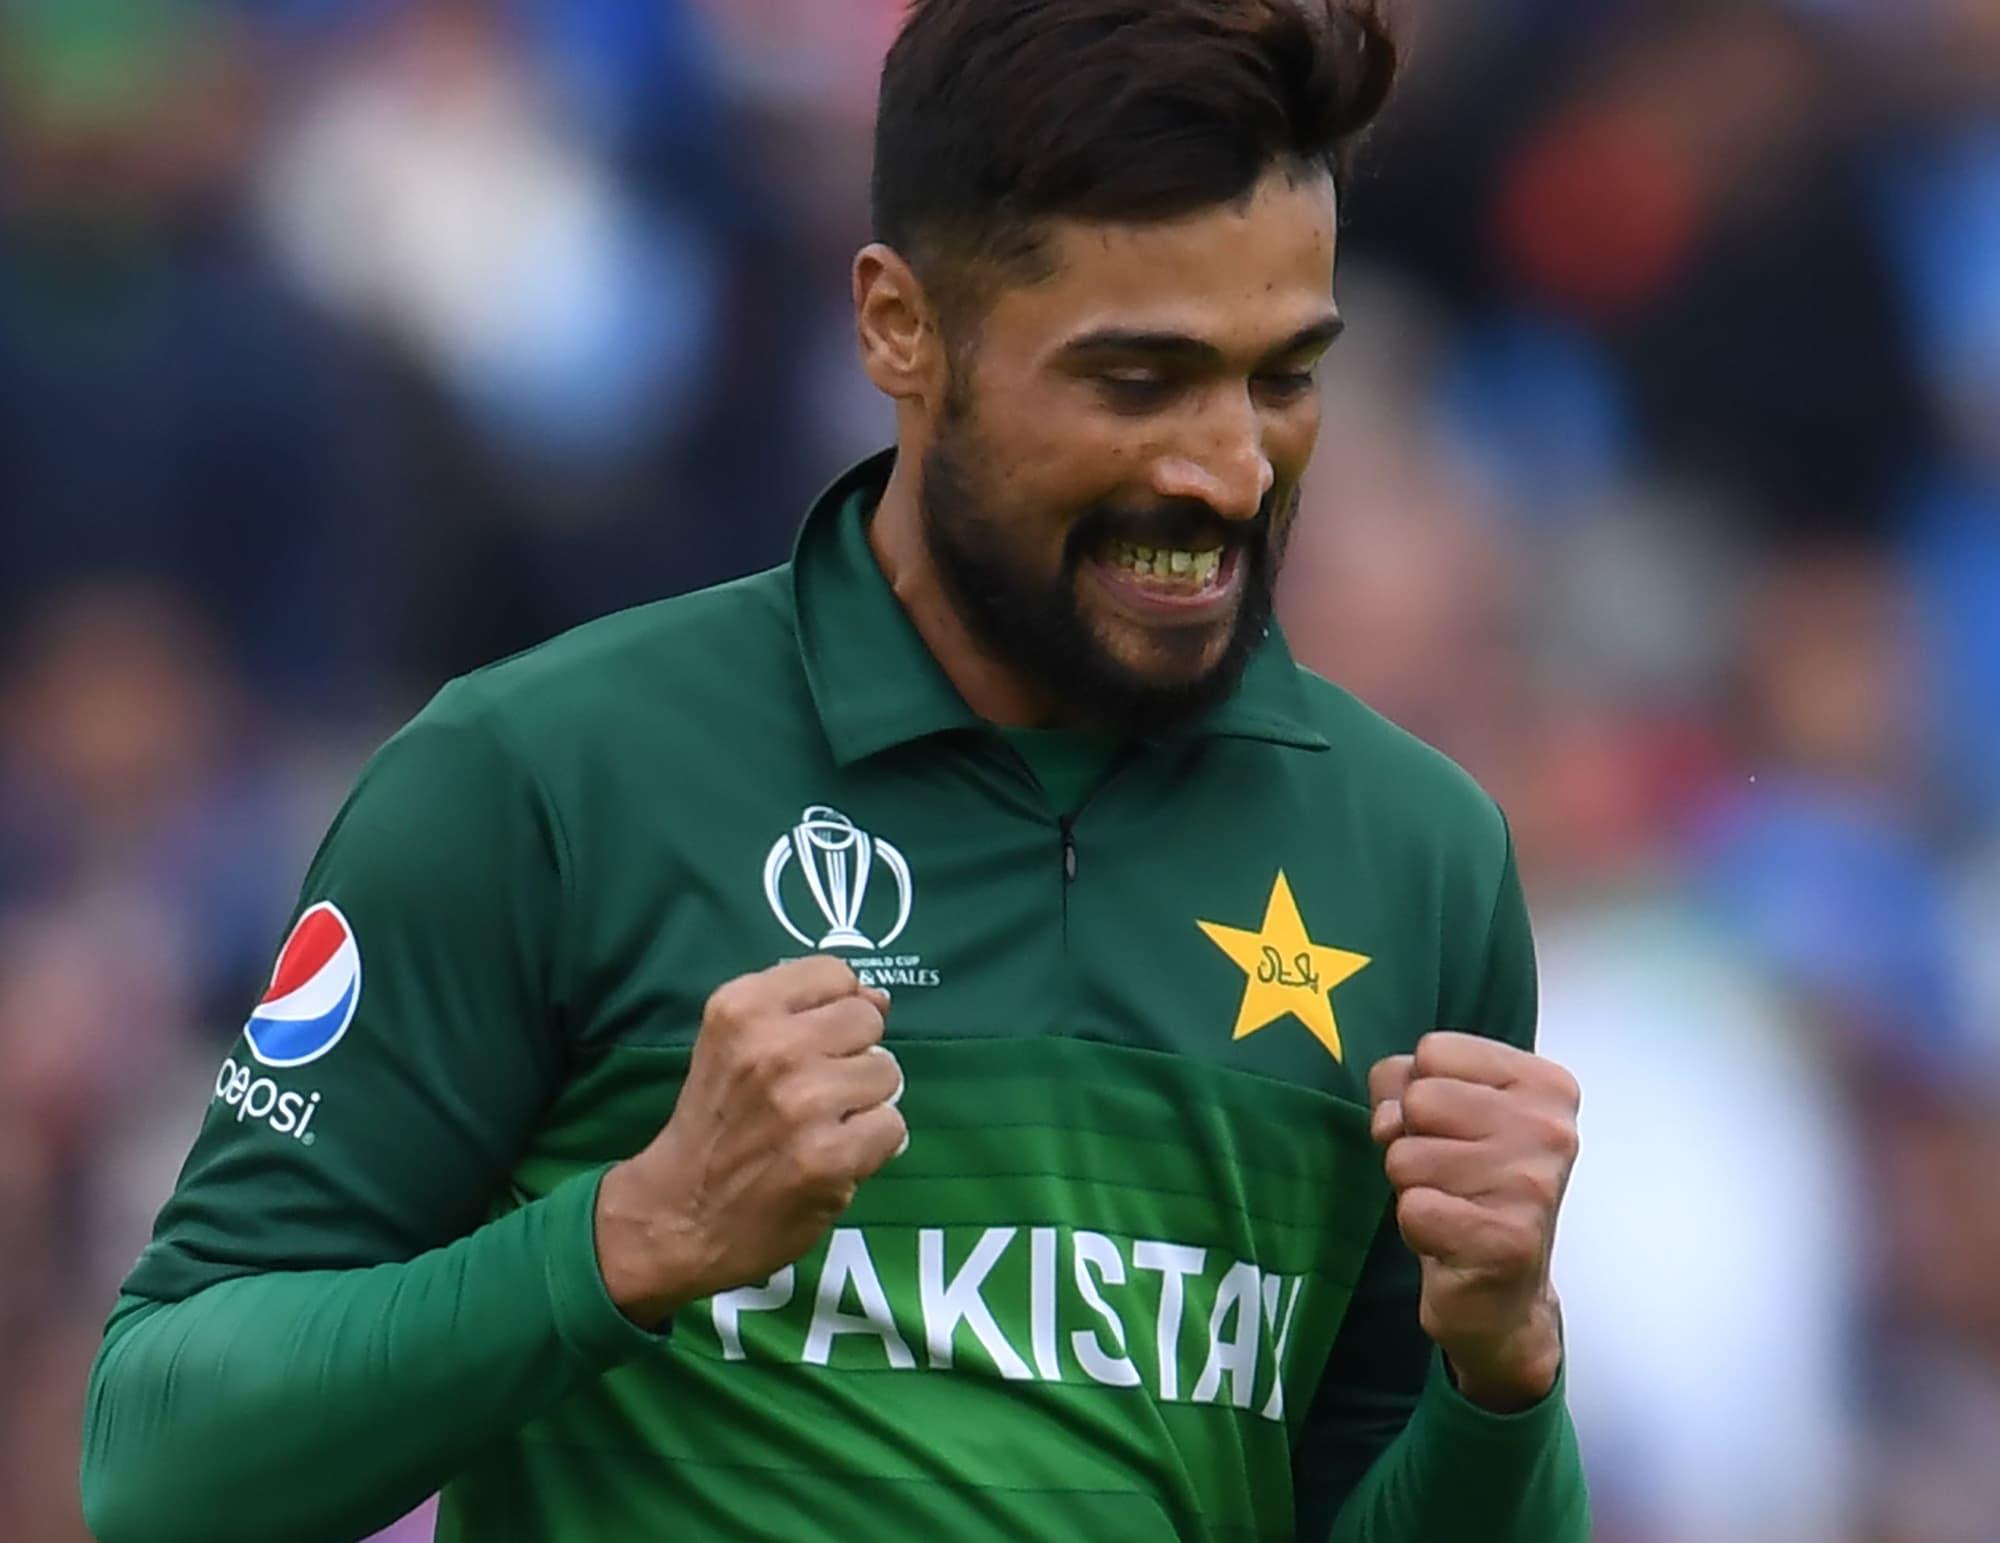 Mohammad Amir celebrates after his dismissal of Virat Kohli. ─ AFP